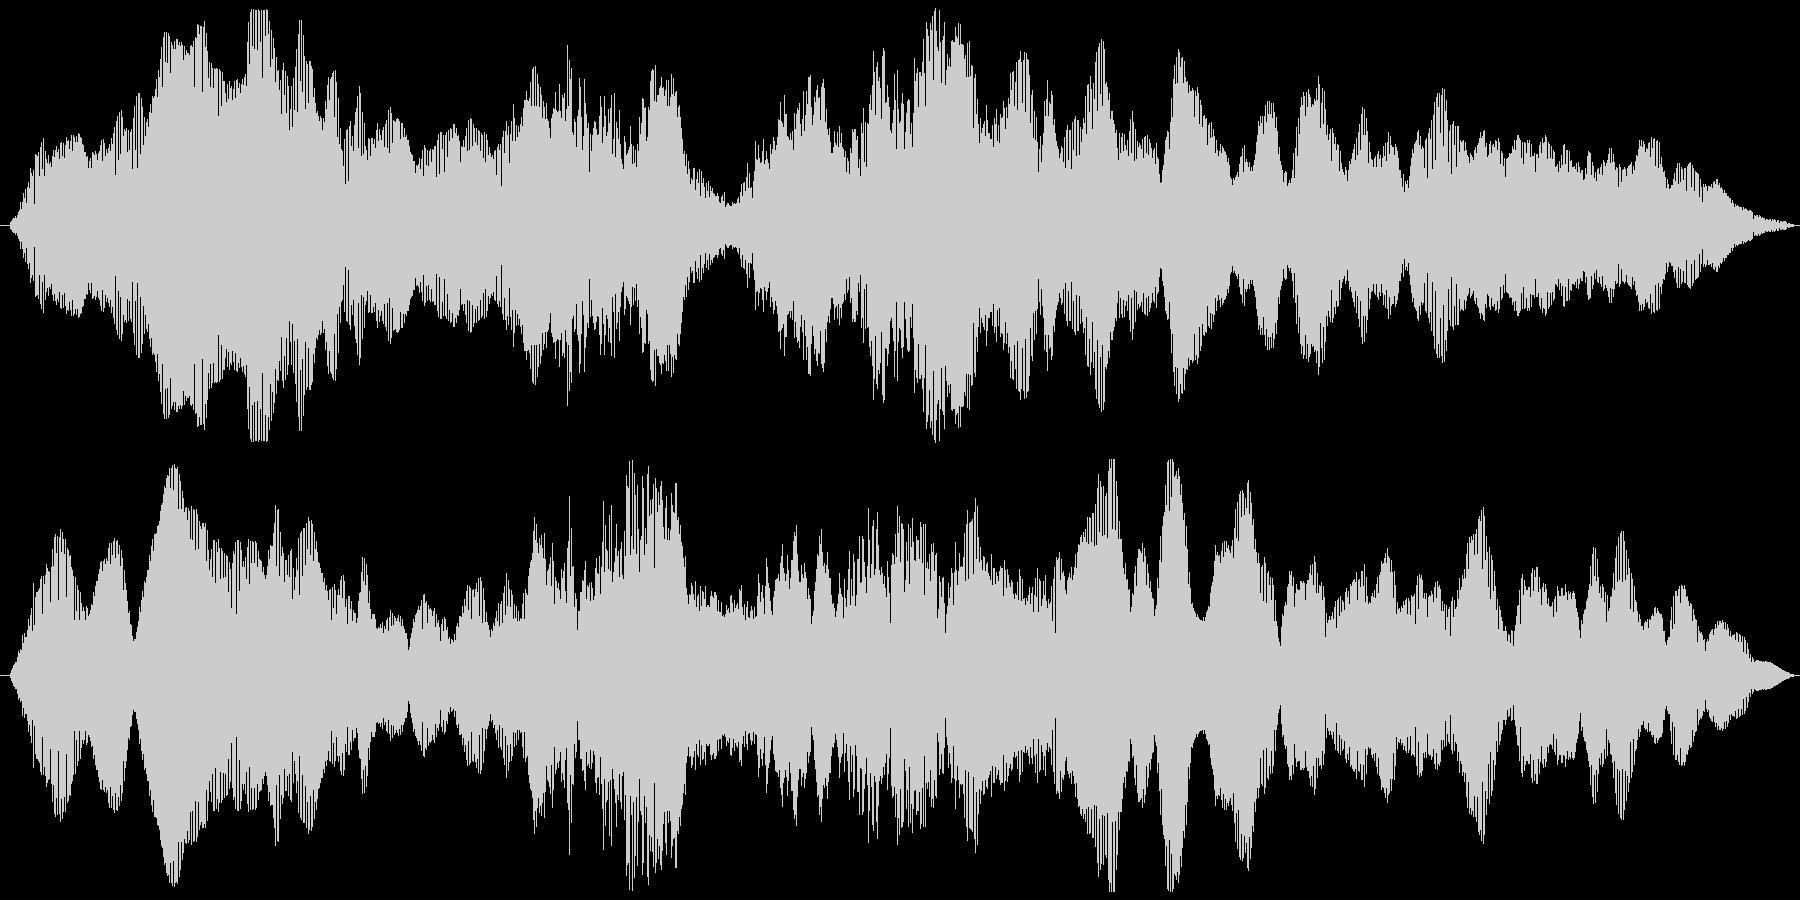 【アイキャッチ/ヴァイオリンBm】の未再生の波形